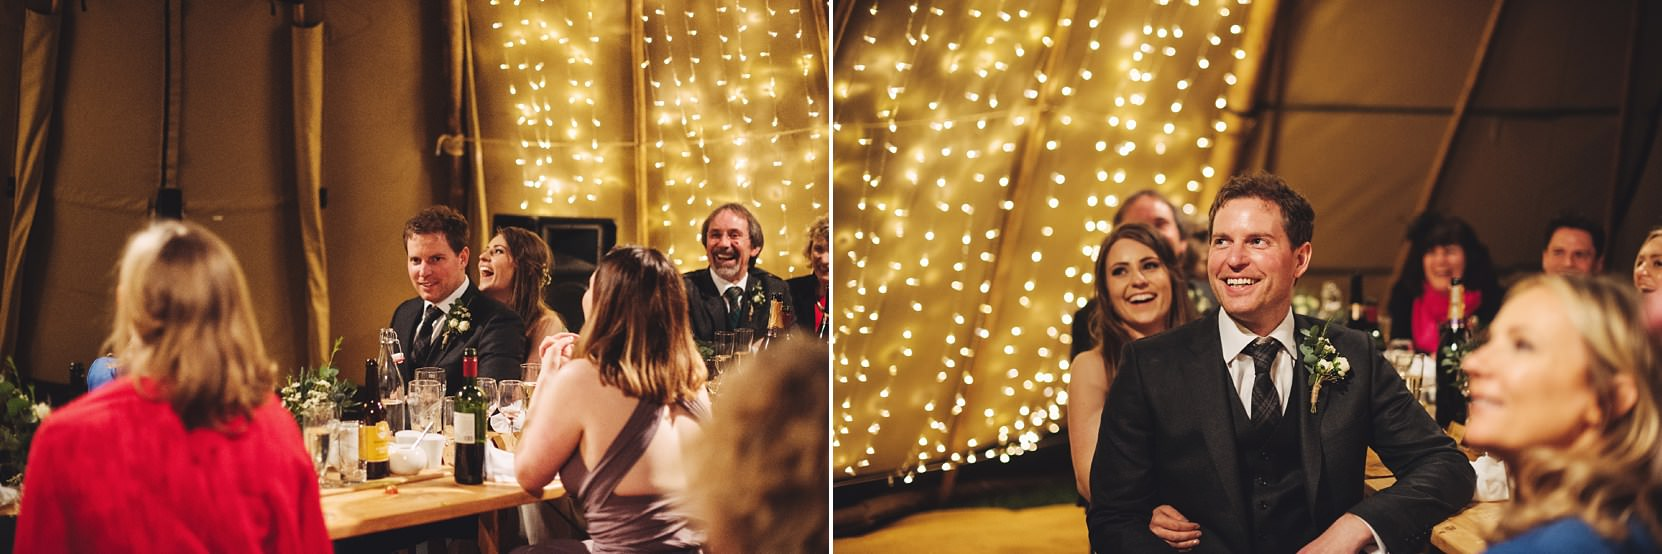 Portnoo-Wedding-Photography_0133